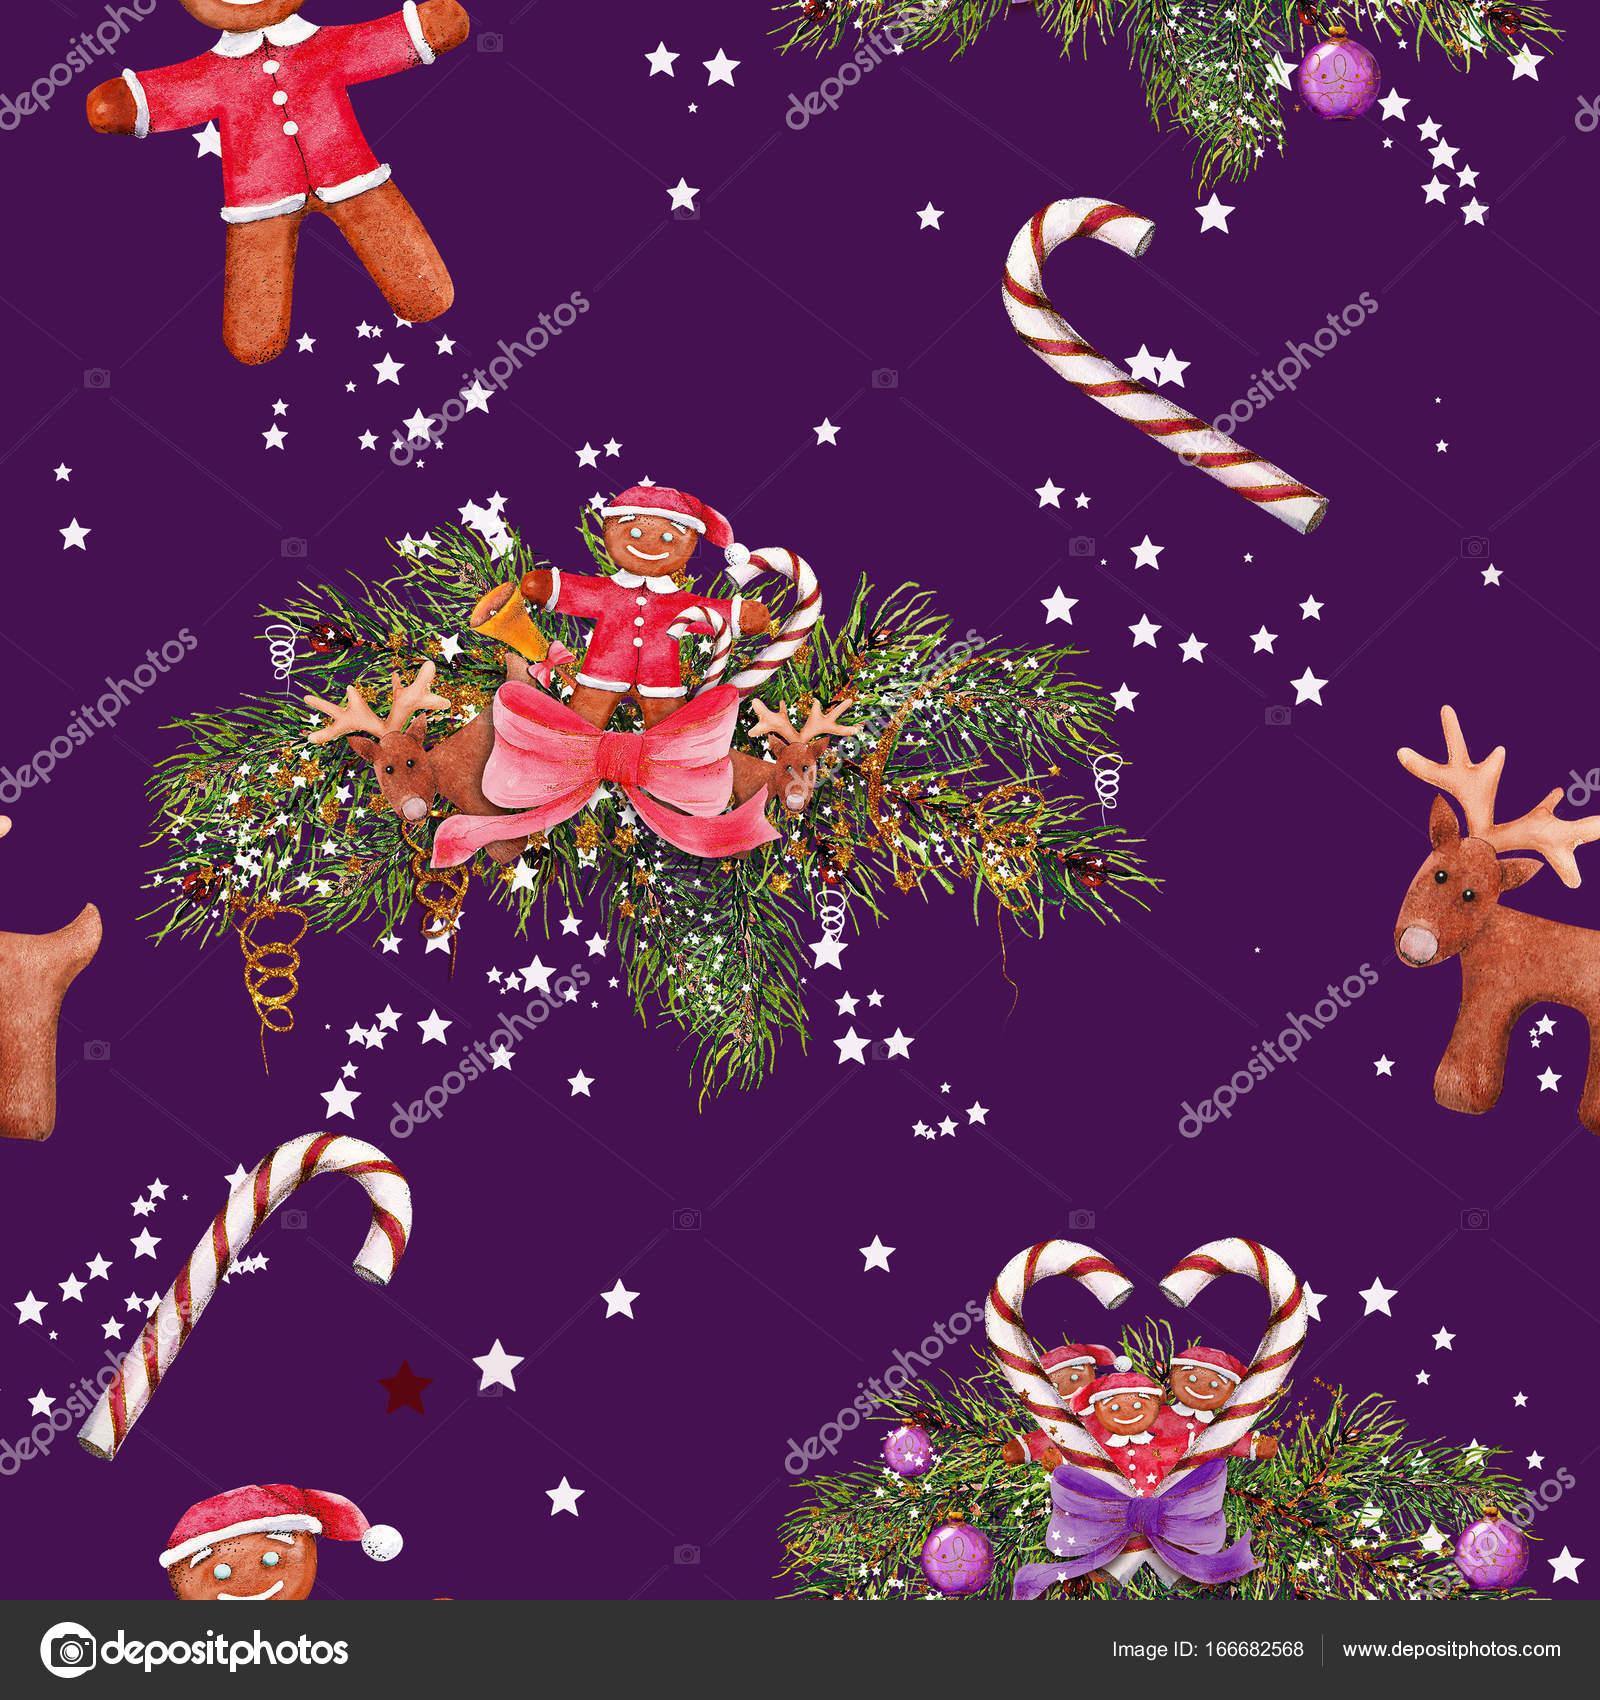 Dibujos De Navidad Hechos Por Ninos.Dibujos Christmas Hechos Por Ninos Clipart De Navidad